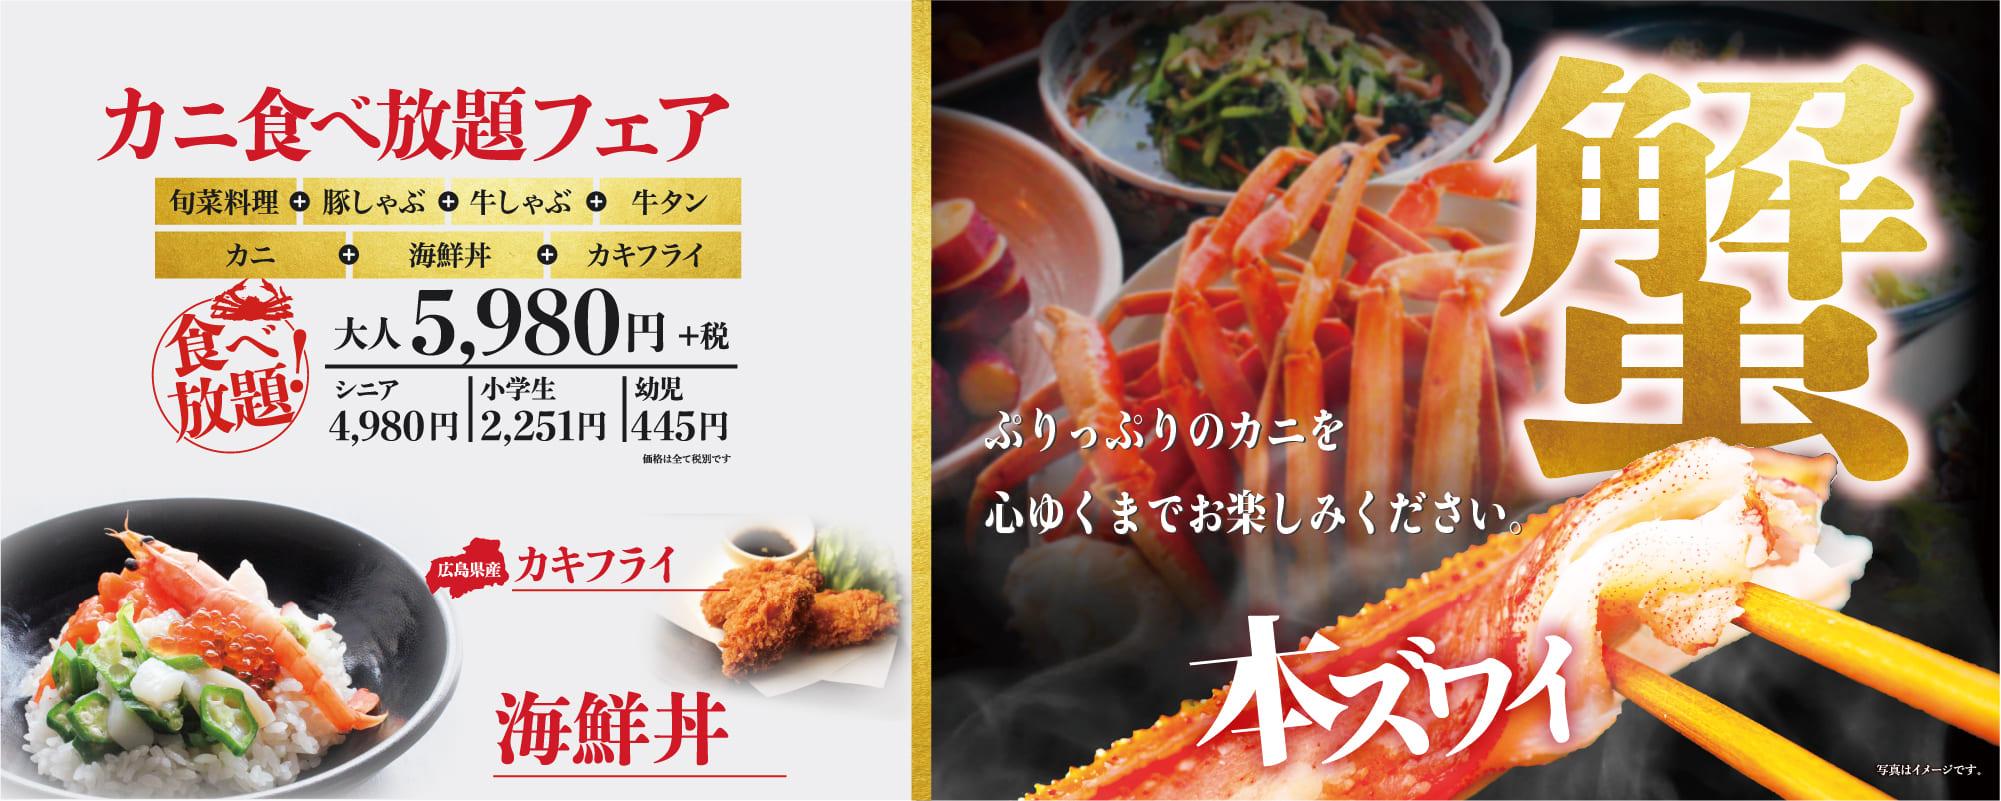 露菴:蟹食べ放題フェア。ぷりっぷりの蟹を心ゆくまでお楽しみください。